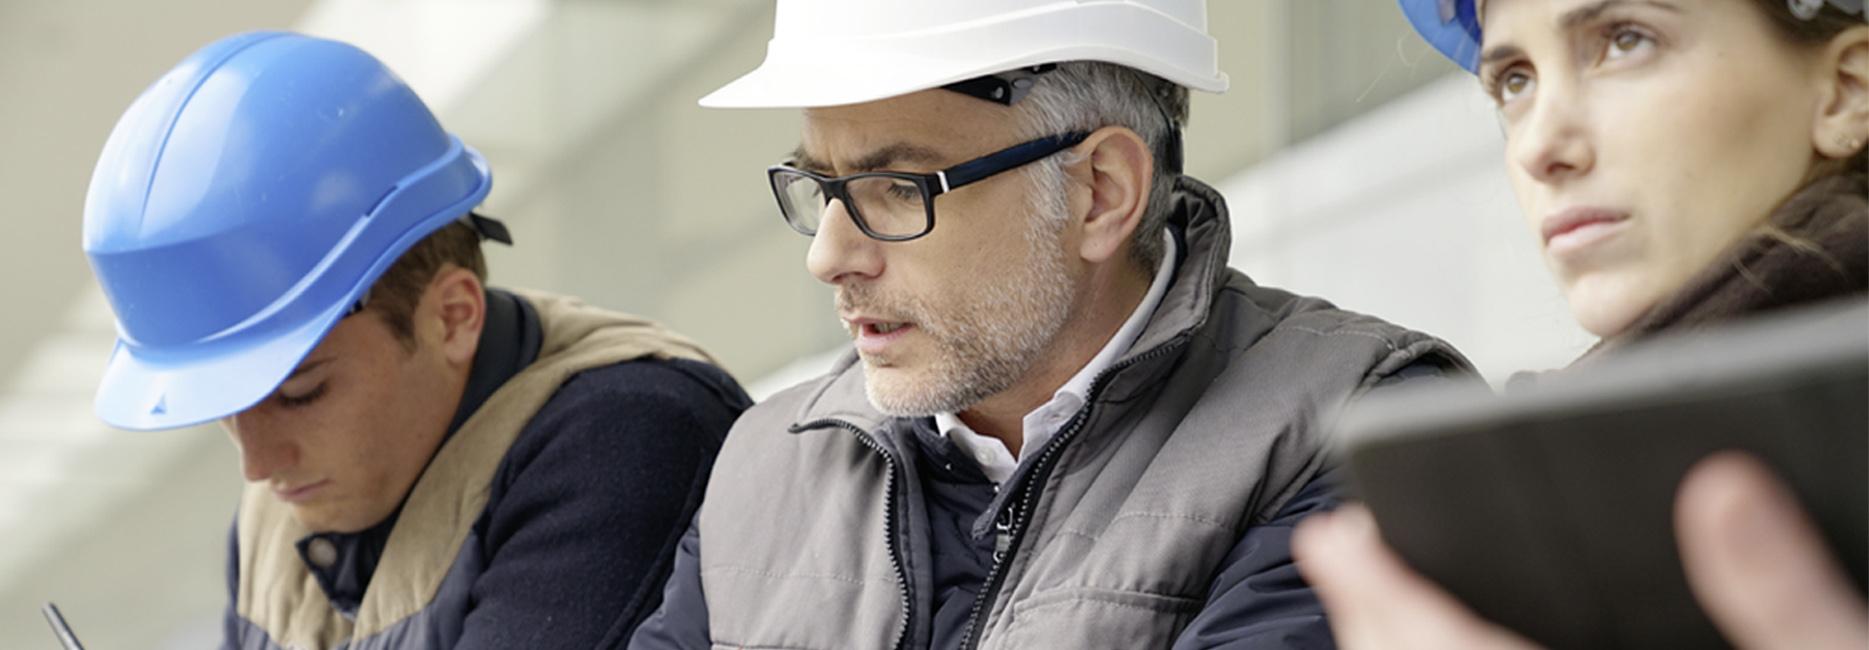 Wir stehen für Zukunft<br>und Entwicklung: Als attraktiver Arbeitgeber unterstützen wir innovative Energiekonzepte für eine gemeinsame Zukunft